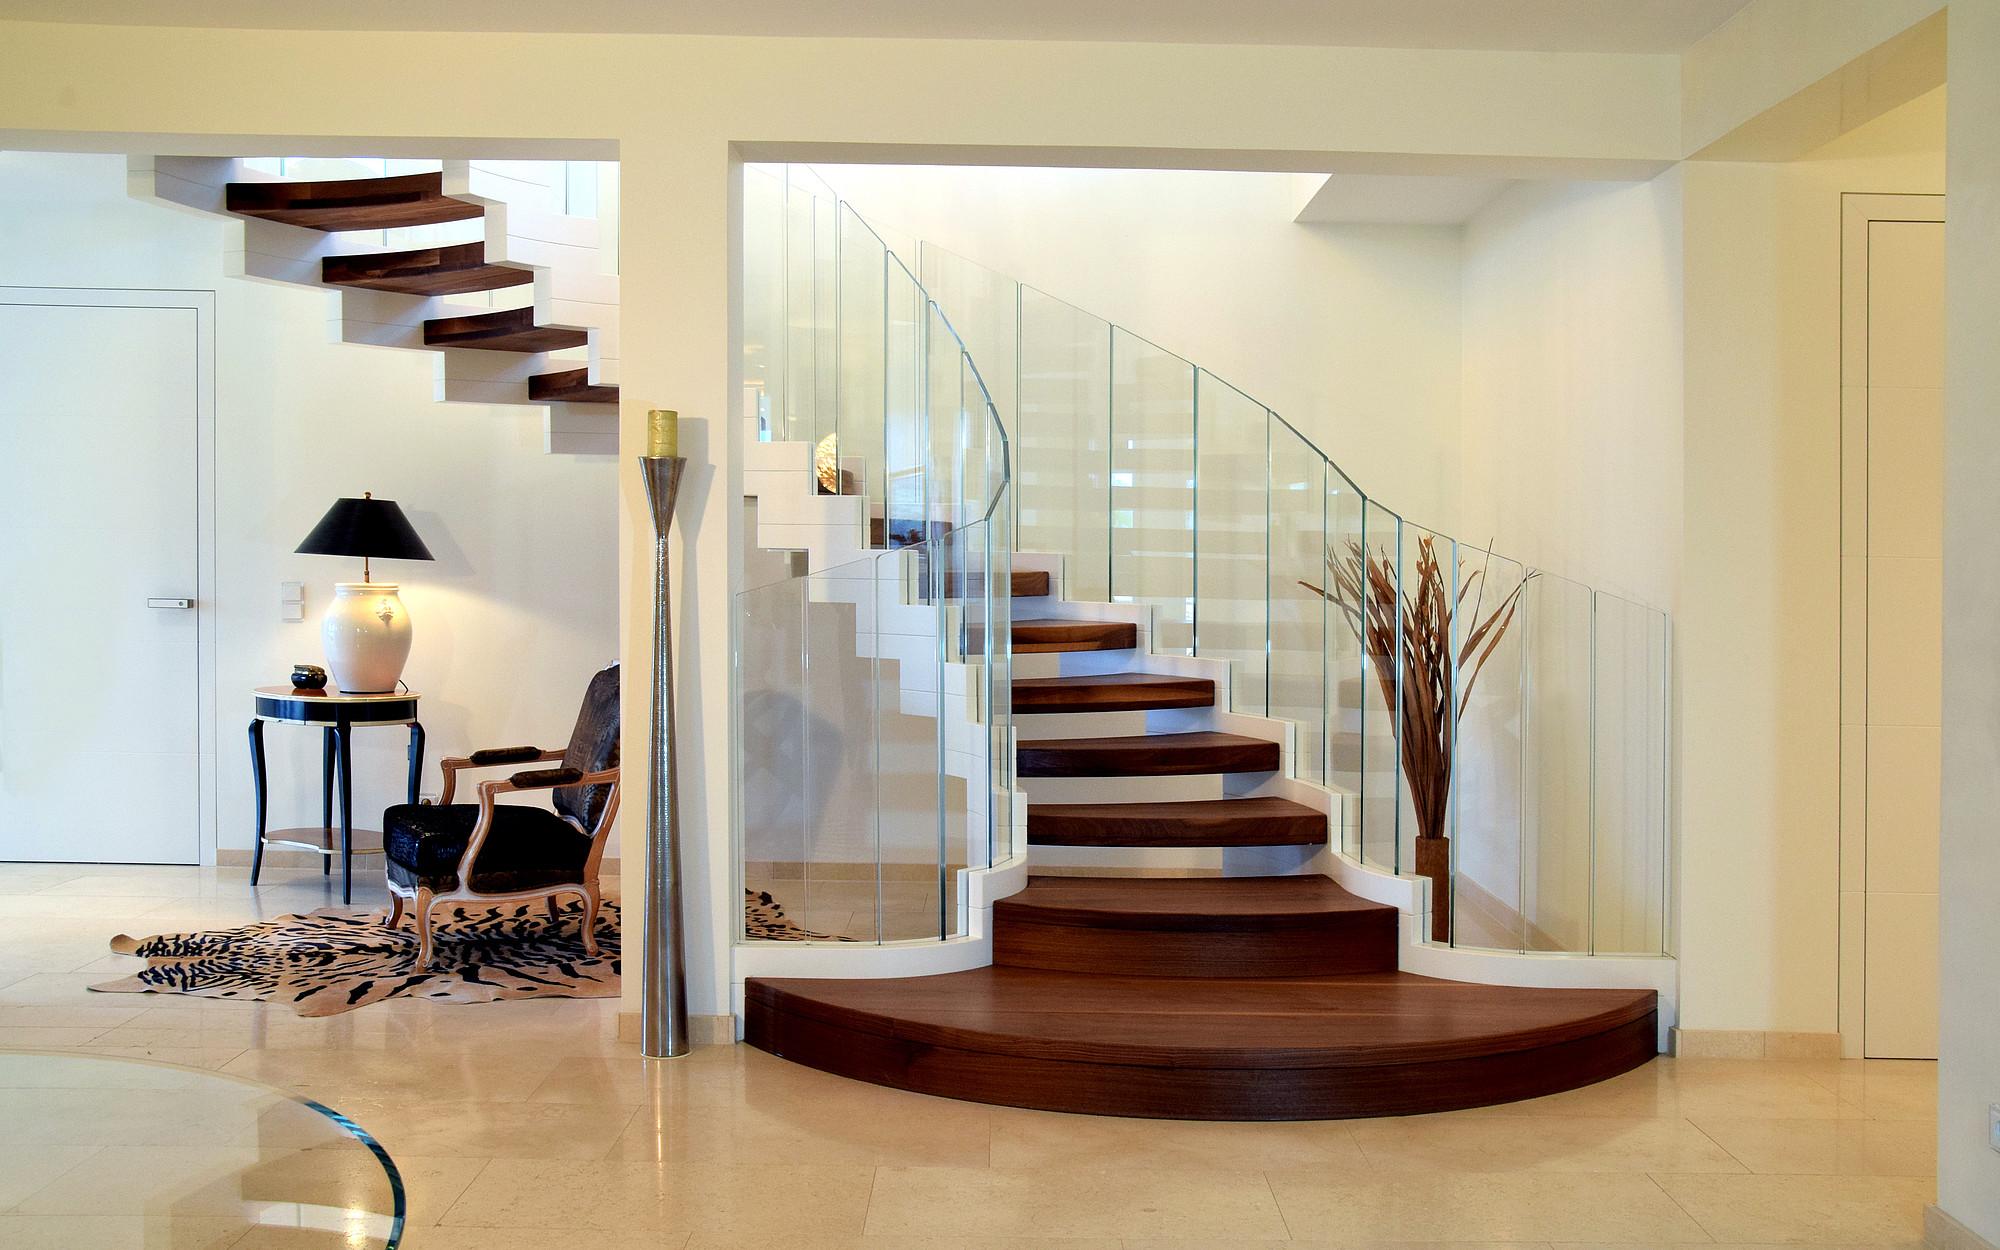 Escalier Interieur Beton Design home fr - siller escaliers